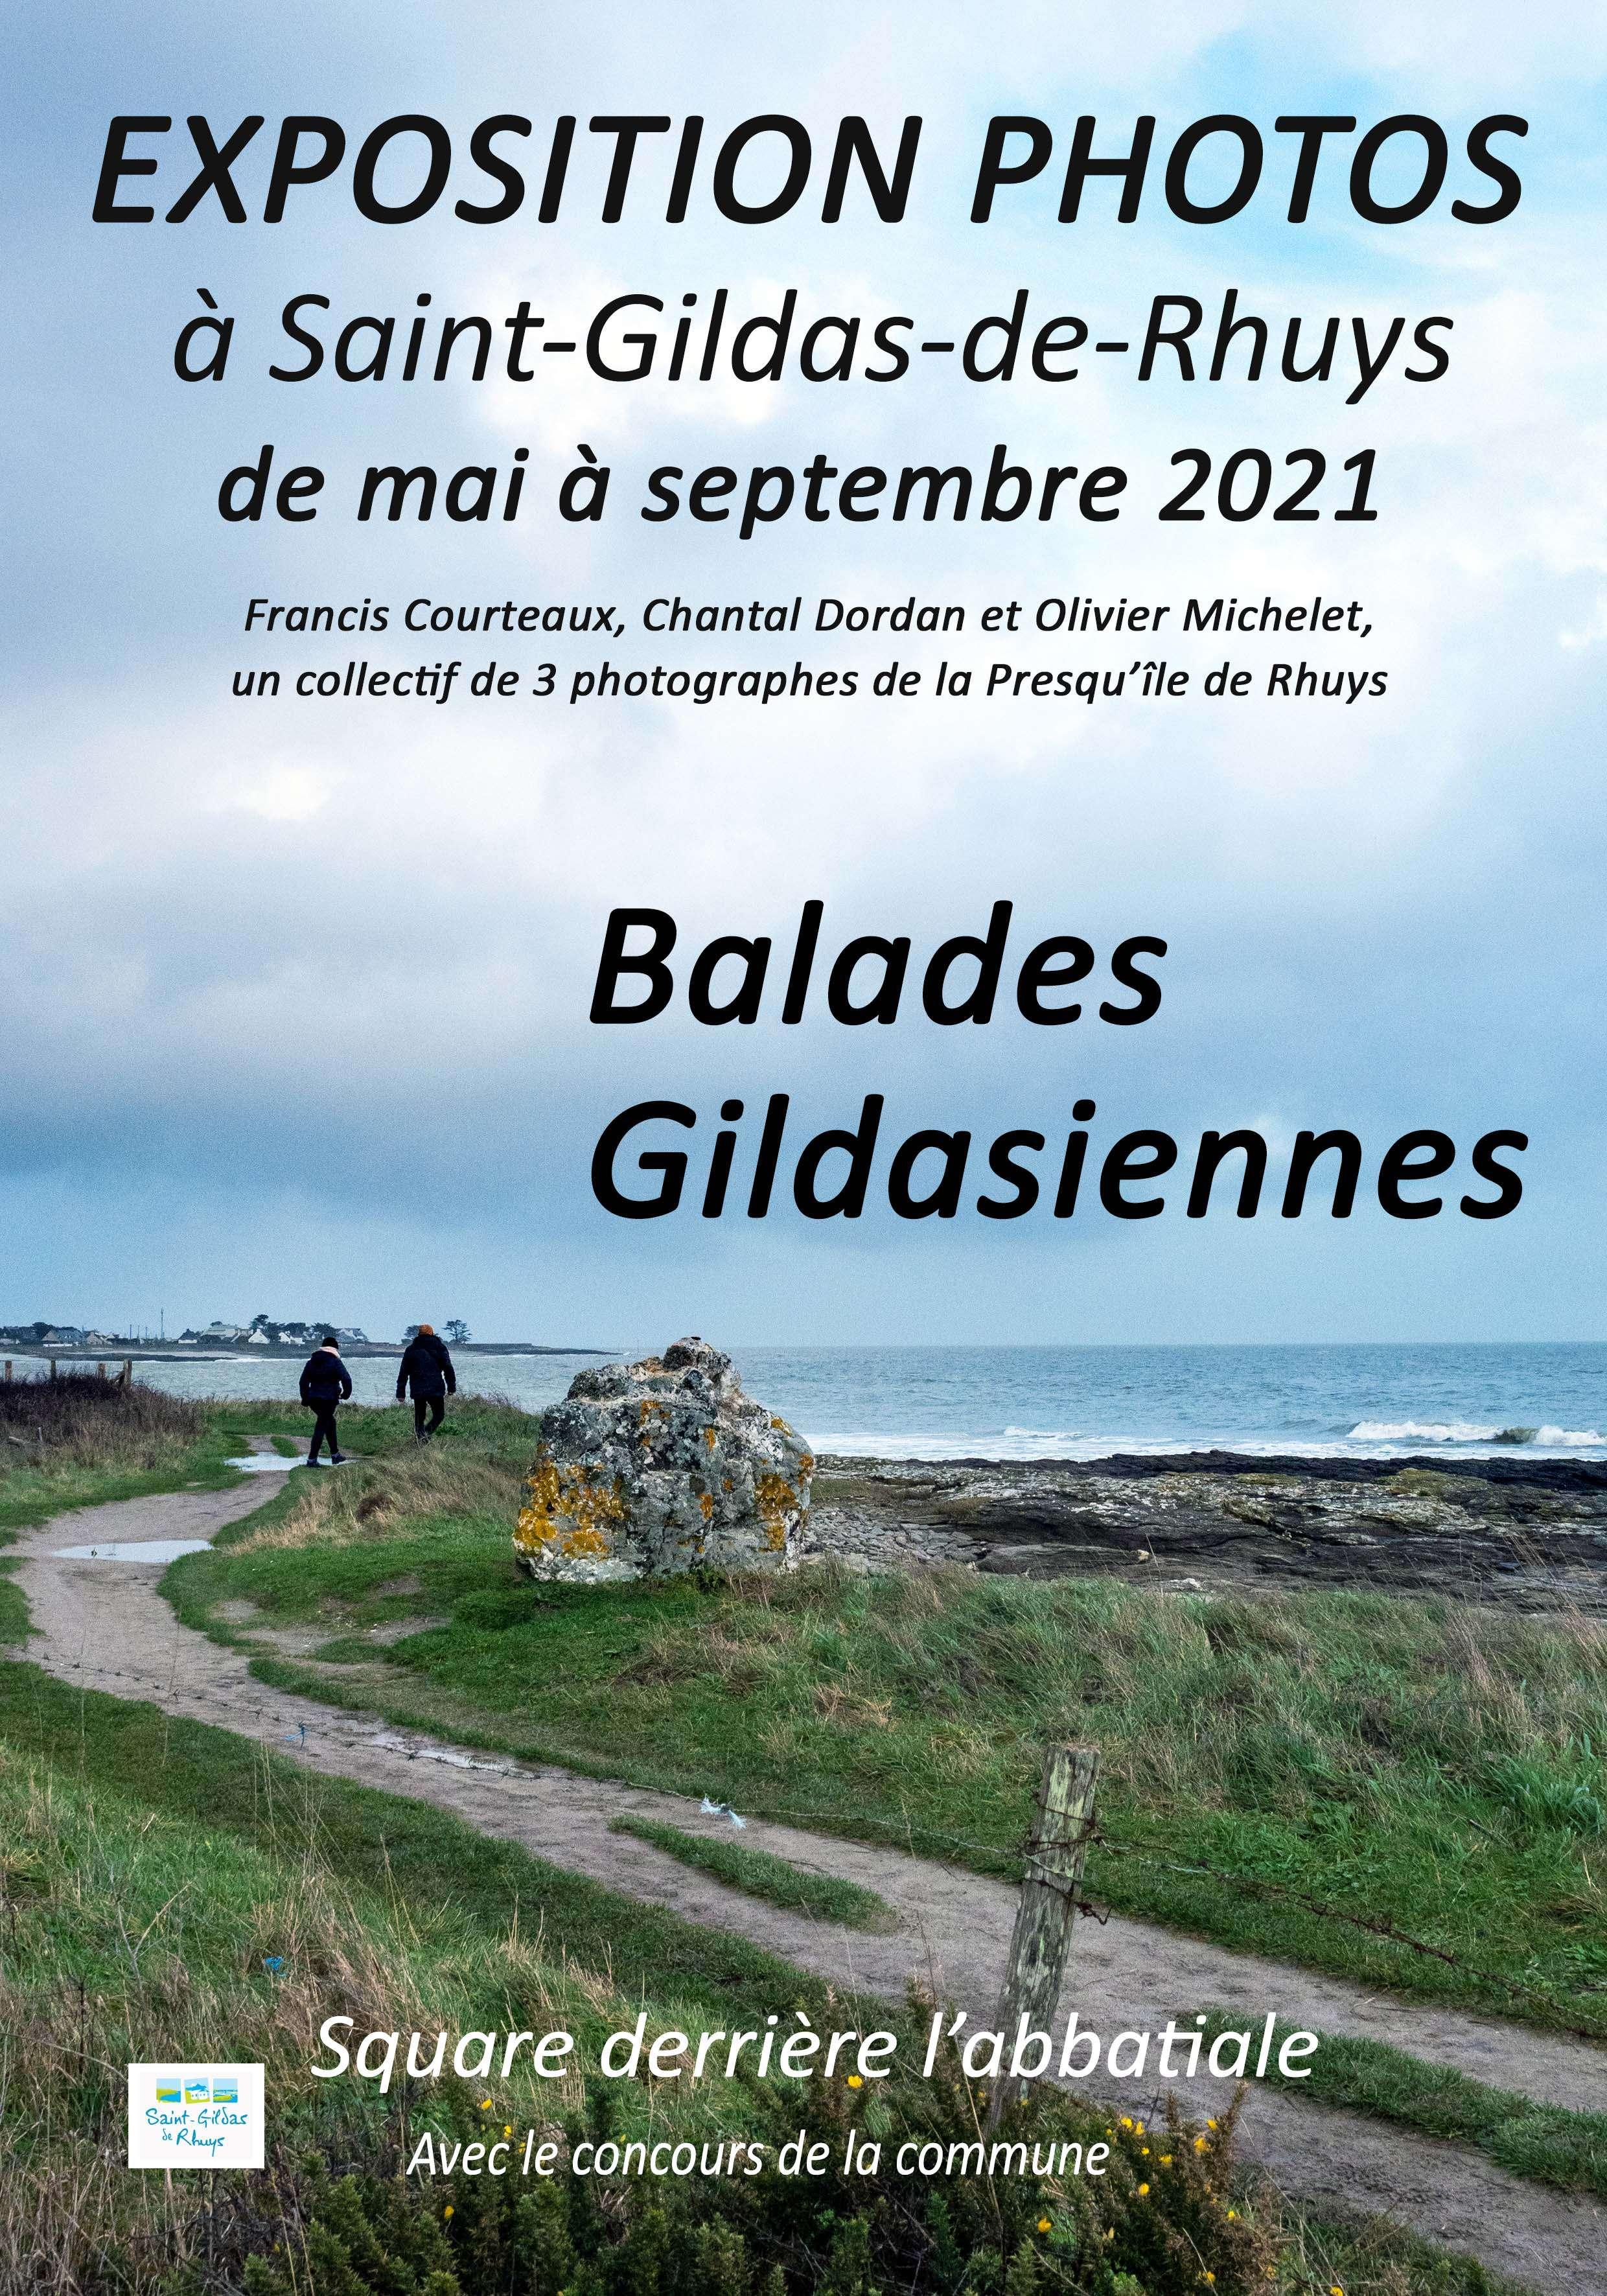 Balades Gildasiennes